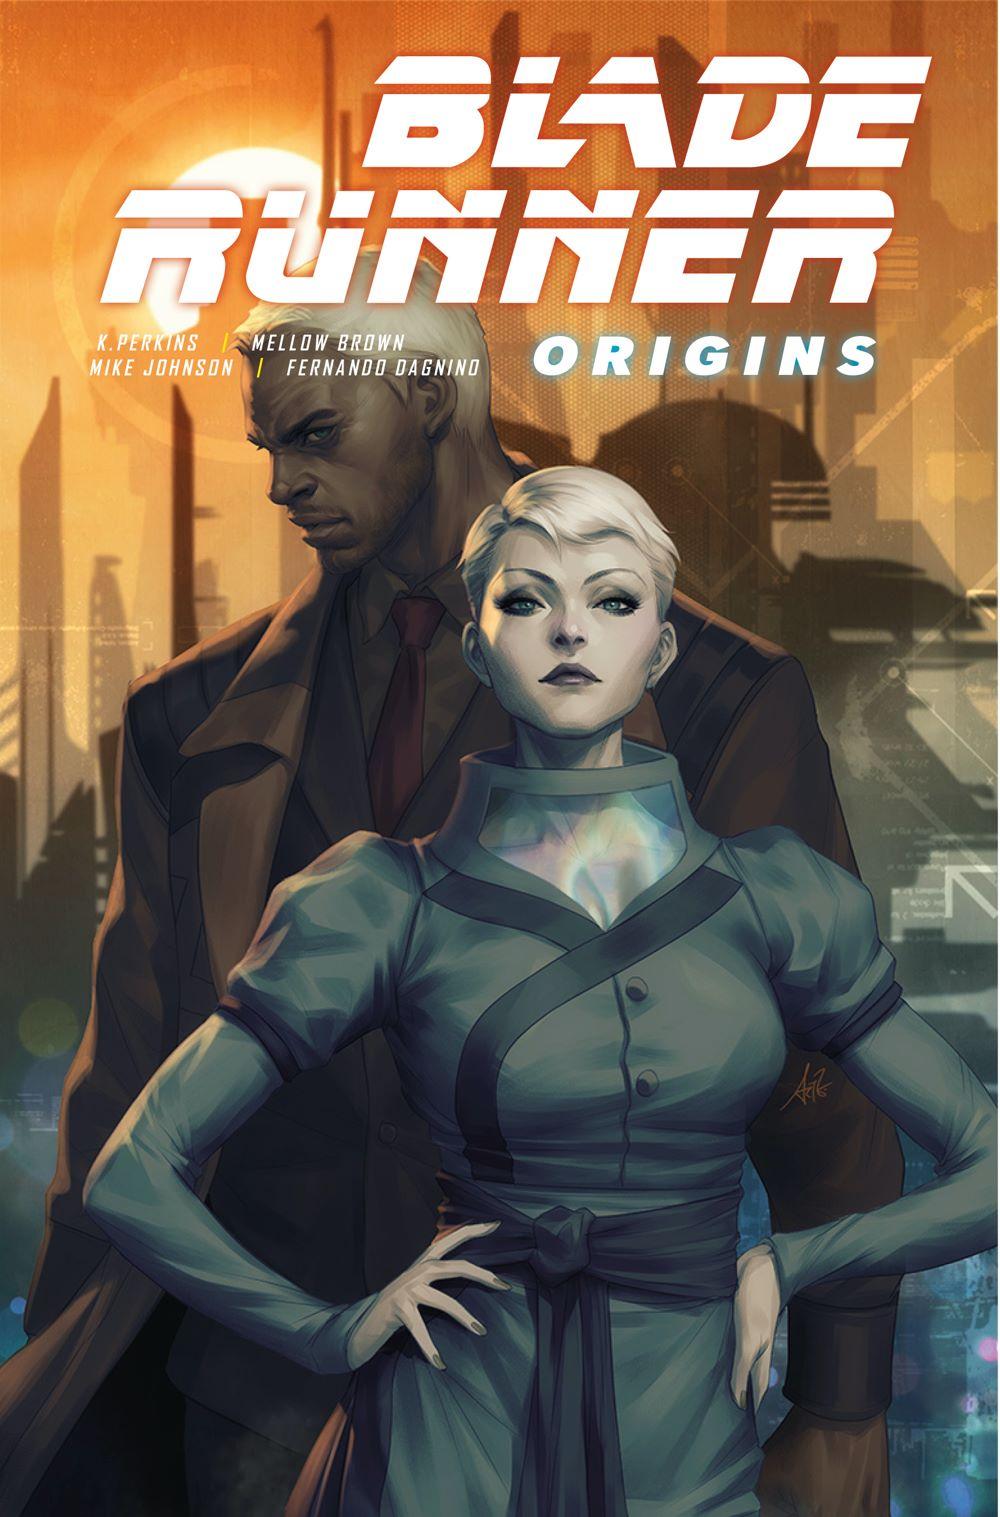 Blade-Runner-Origins_1_A_ARTGERM ComicList Previews: BLADE RUNNER ORIGINS #1